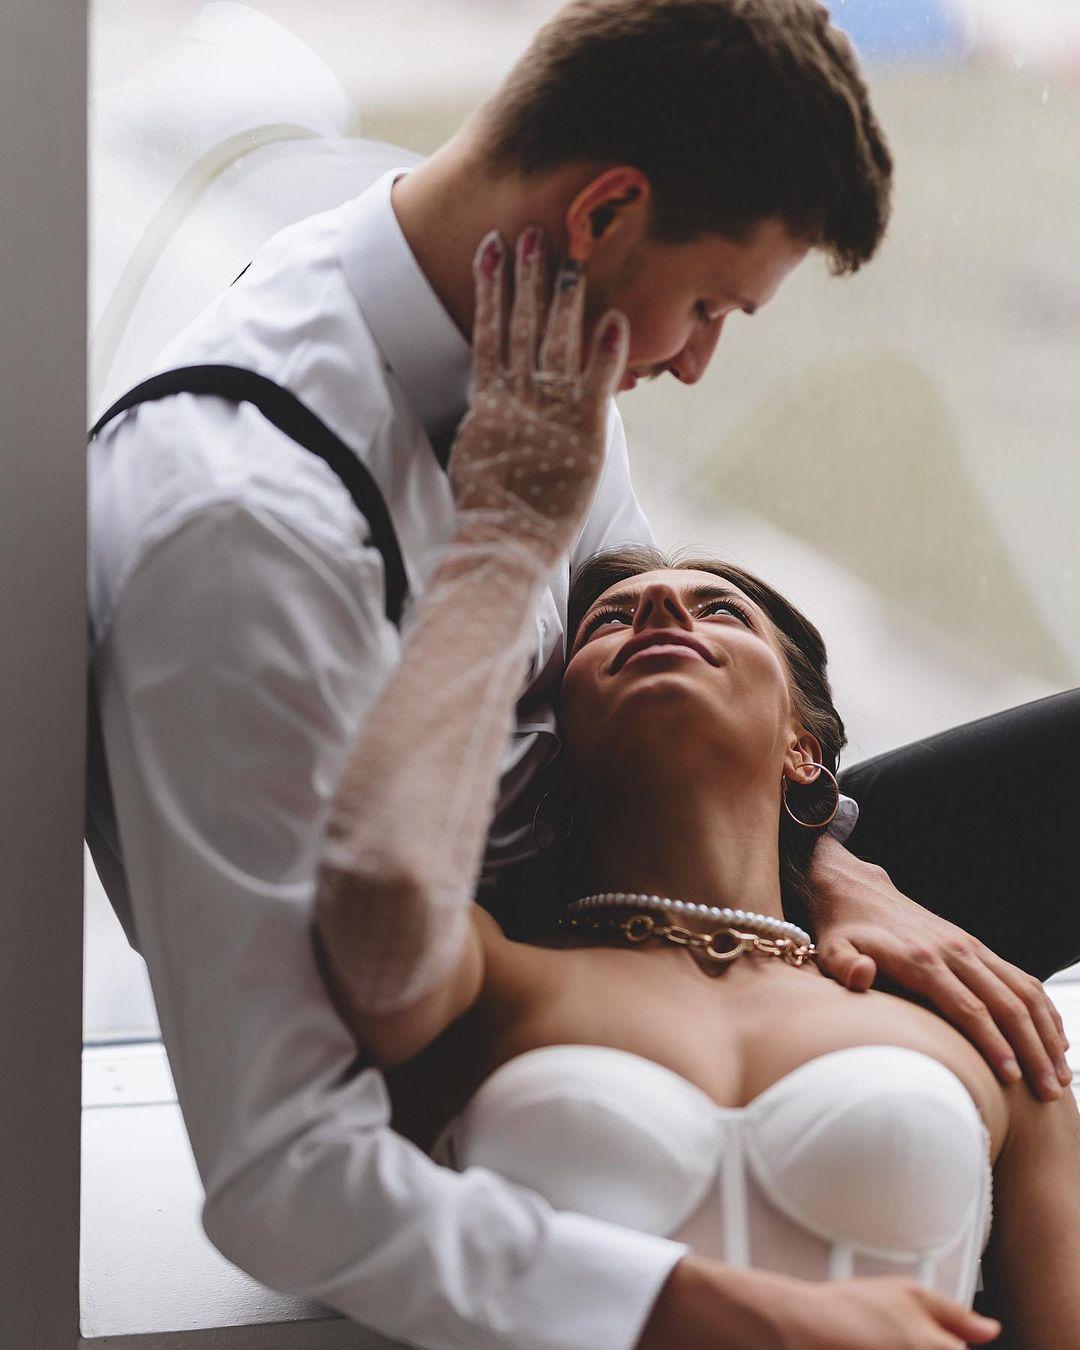 Марина Бех-Романчук в эротическом белье на коленях у мужа: огонь от звездной спортивной пары